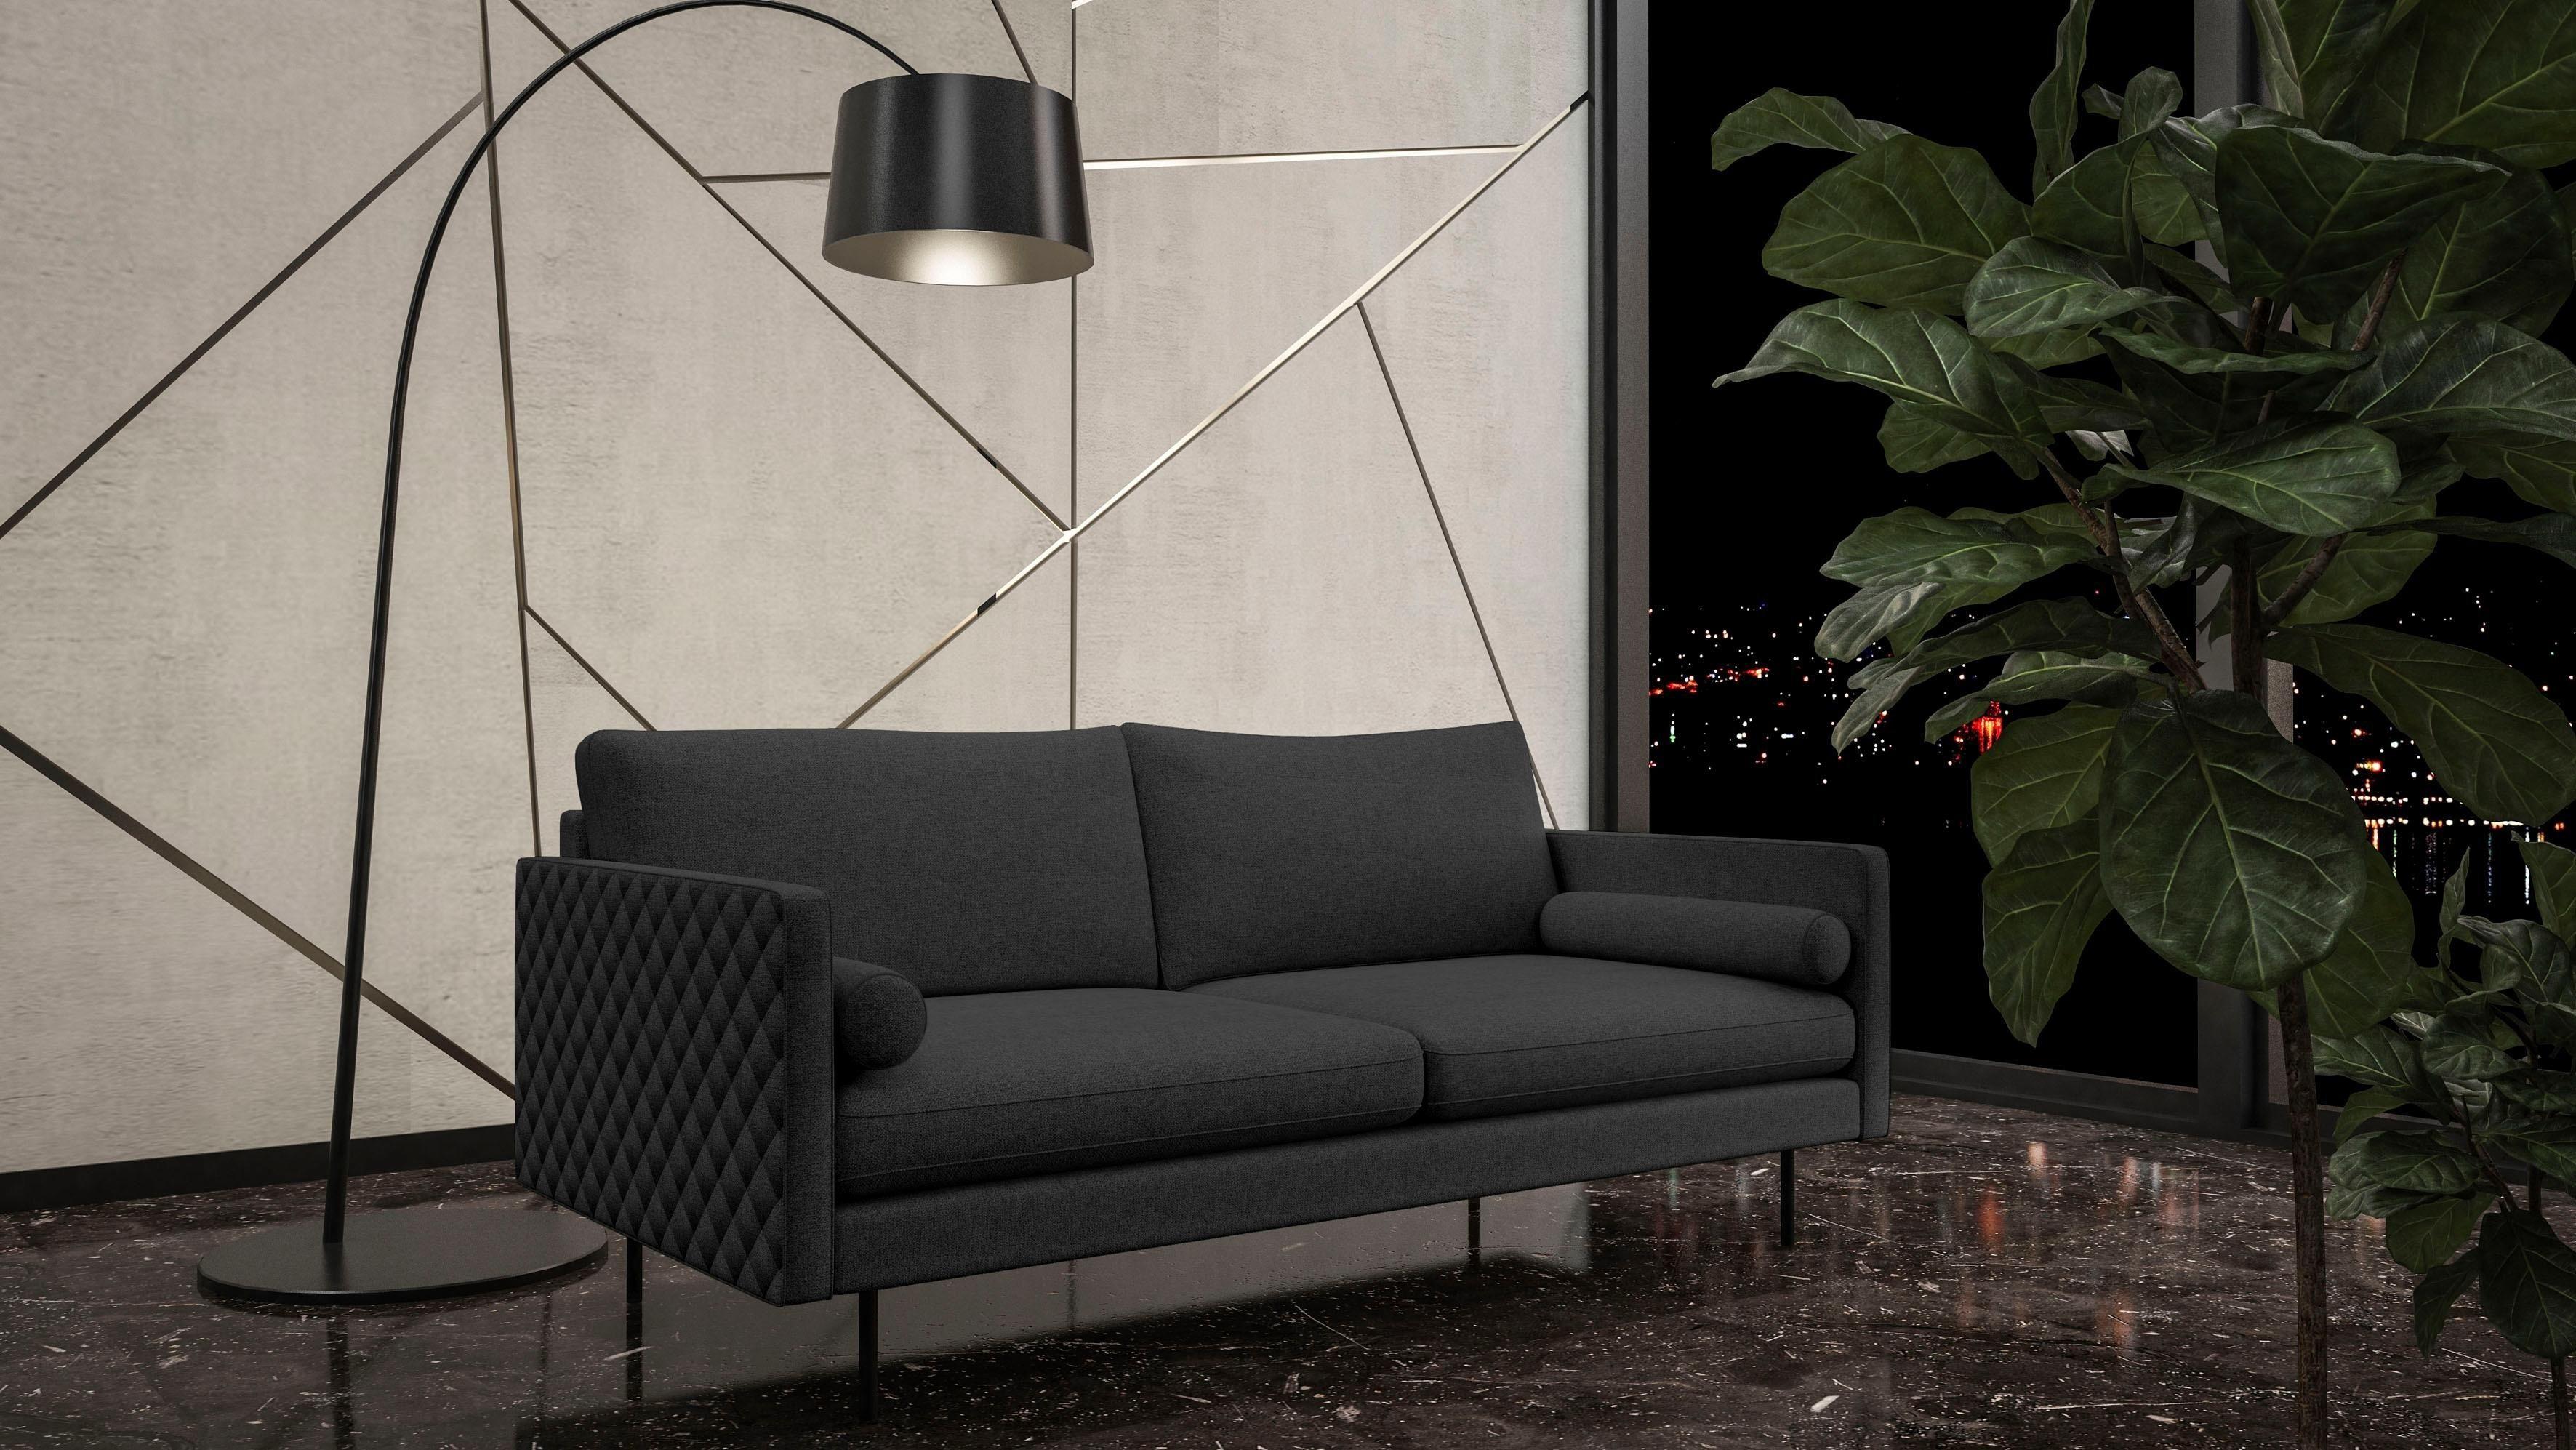 Big Sofa Gunstig Big Sofa Covers Ecksofa Mit Schlaffunktion Wohnzimmer Schlafsofa Online Shop Luxus Leder Sofa G In 2020 Mit Bildern Gunstige Sofas Armlehnen 3 Sitzer Sofa